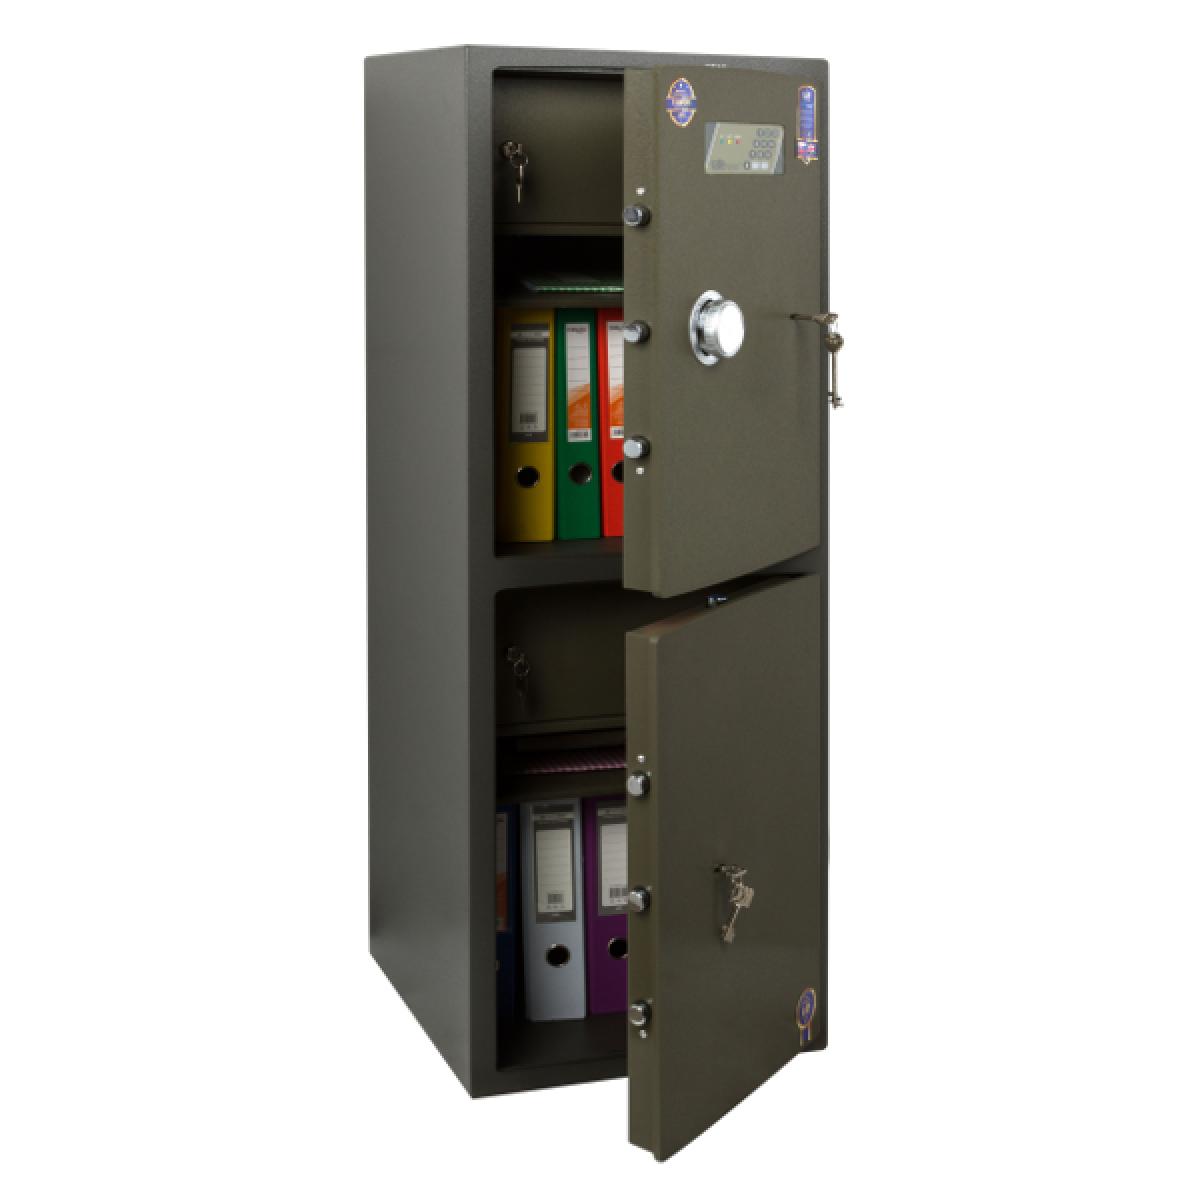 Сейф взломостойкий Safetronics  NTR  61MEs/61Ms